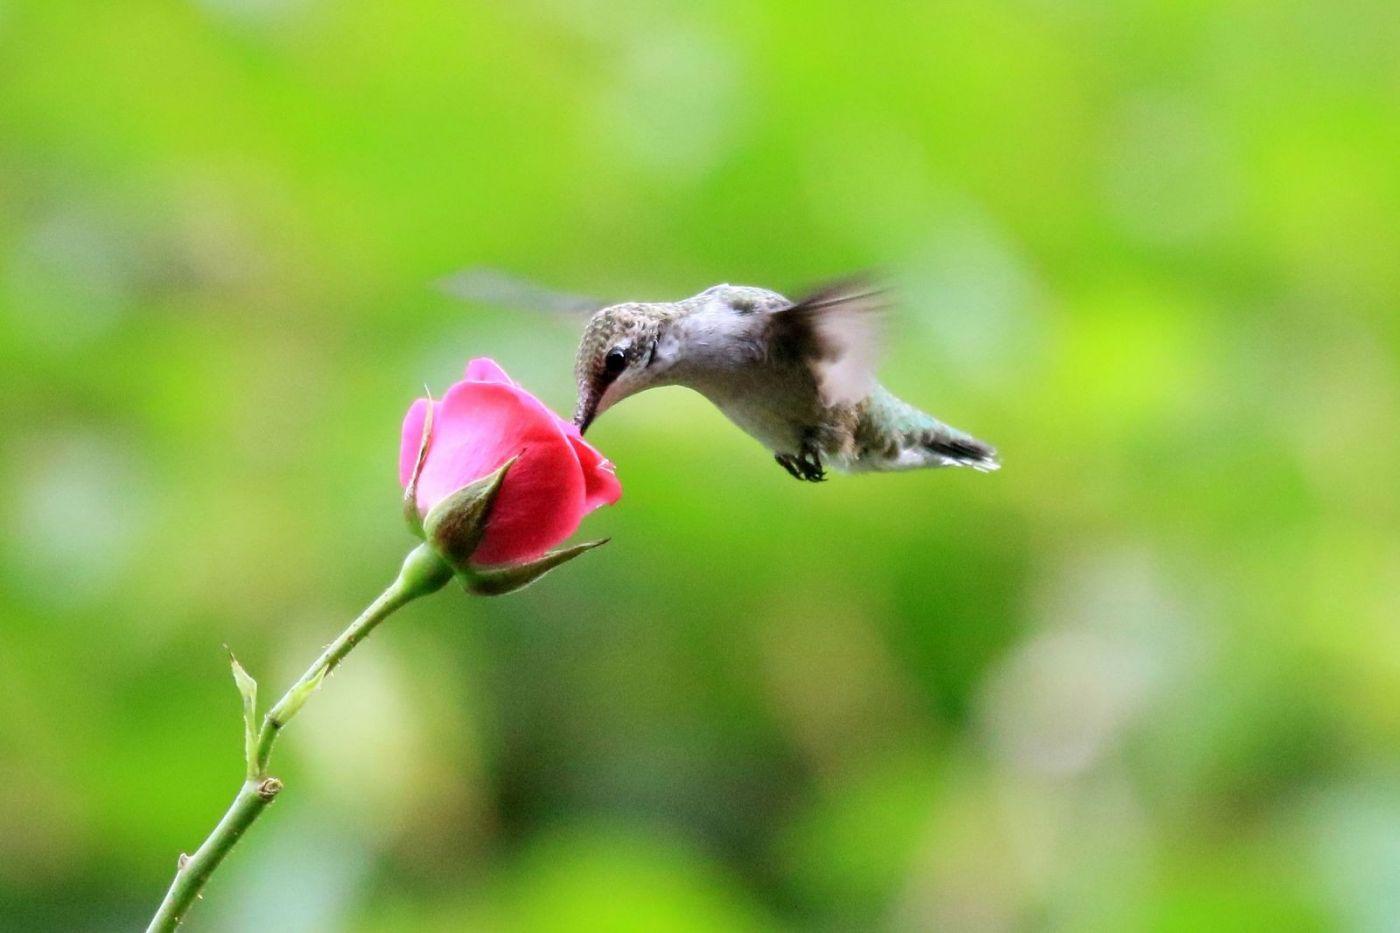 凯辛娜公园拍的蜂鸟_图1-1